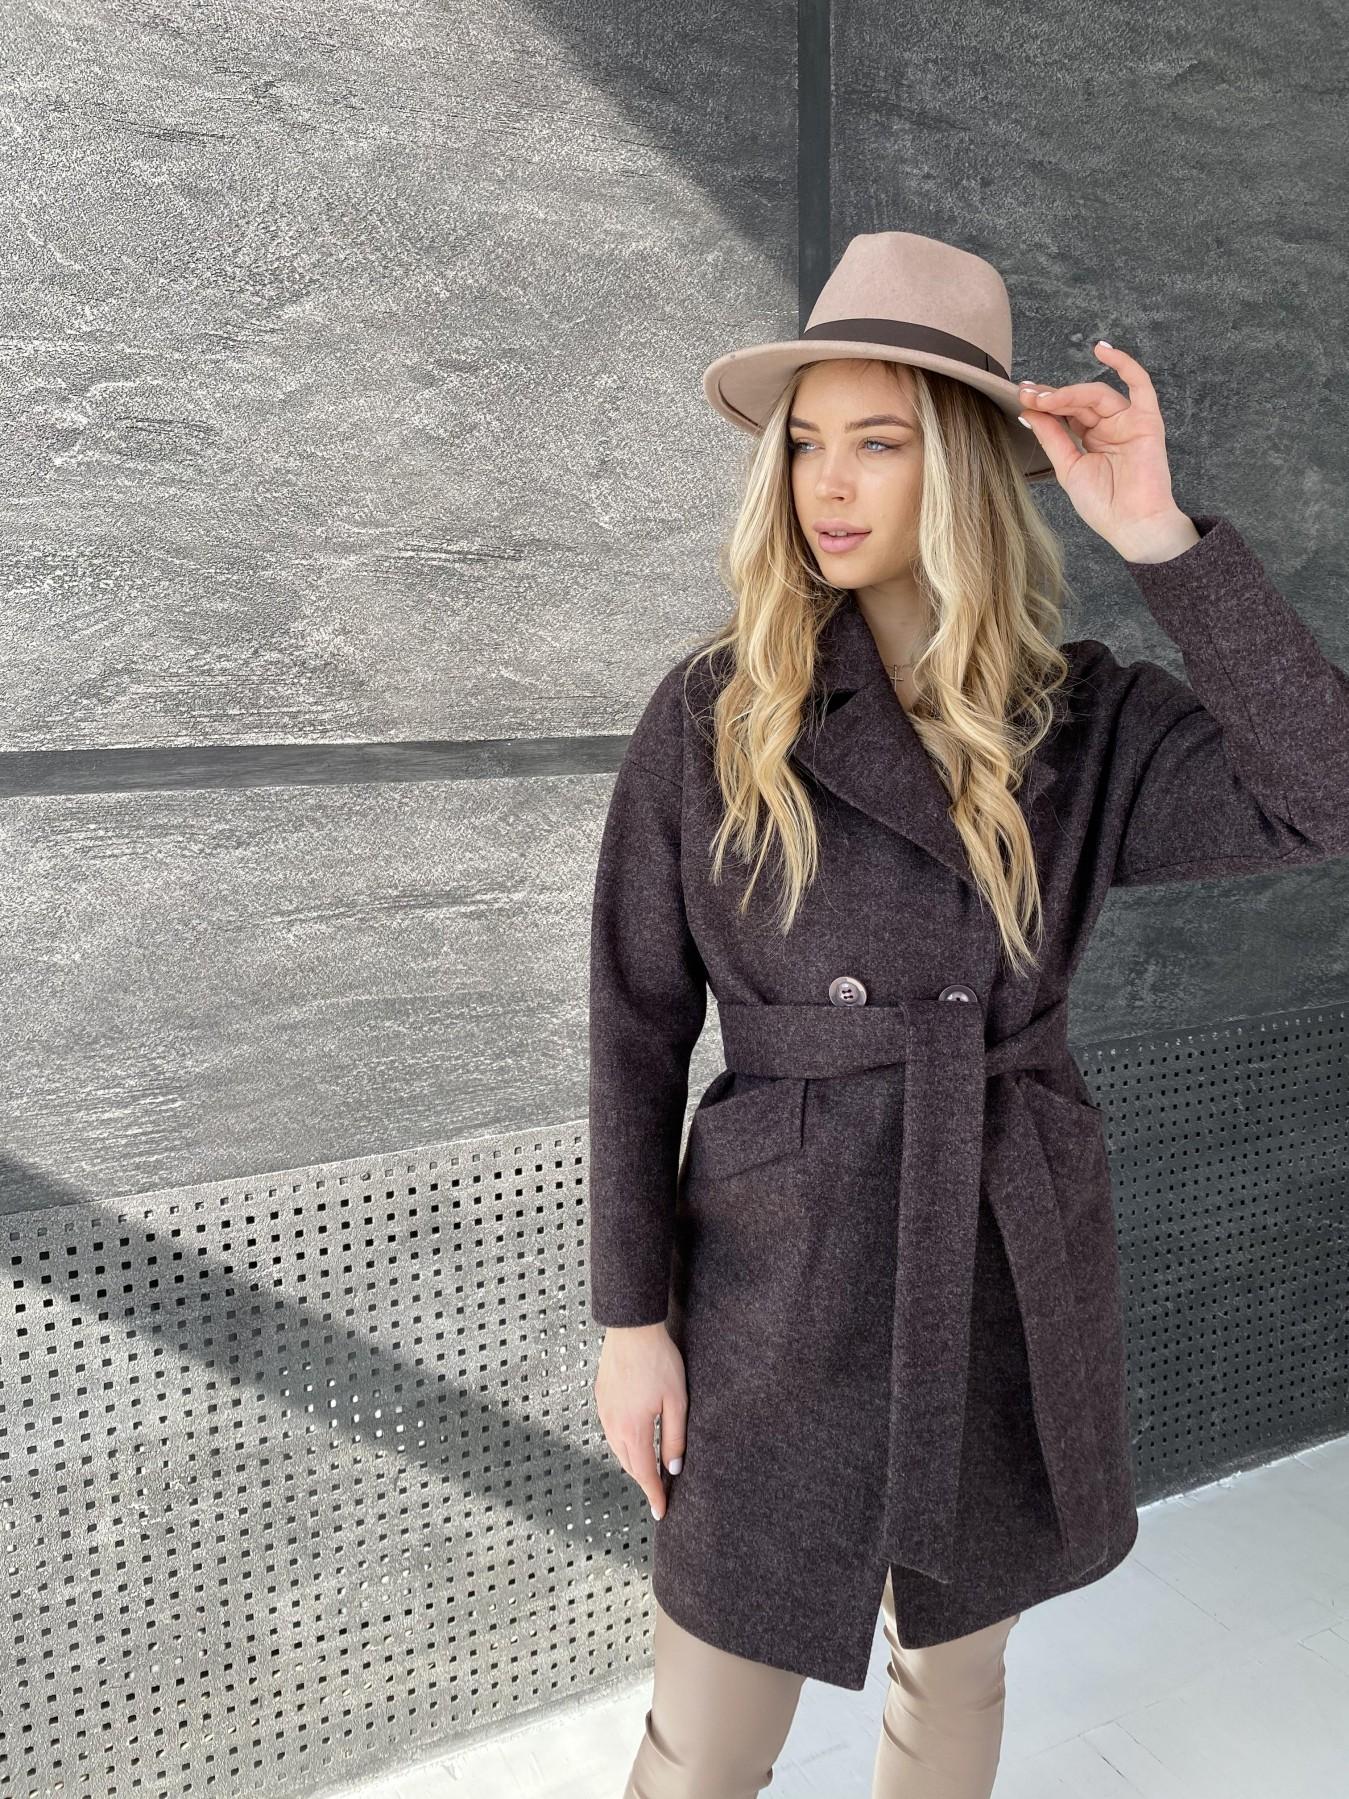 Сенсей пальто из кашемира меланж  10745 АРТ. 47227 Цвет: Марсала - фото 5, интернет магазин tm-modus.ru